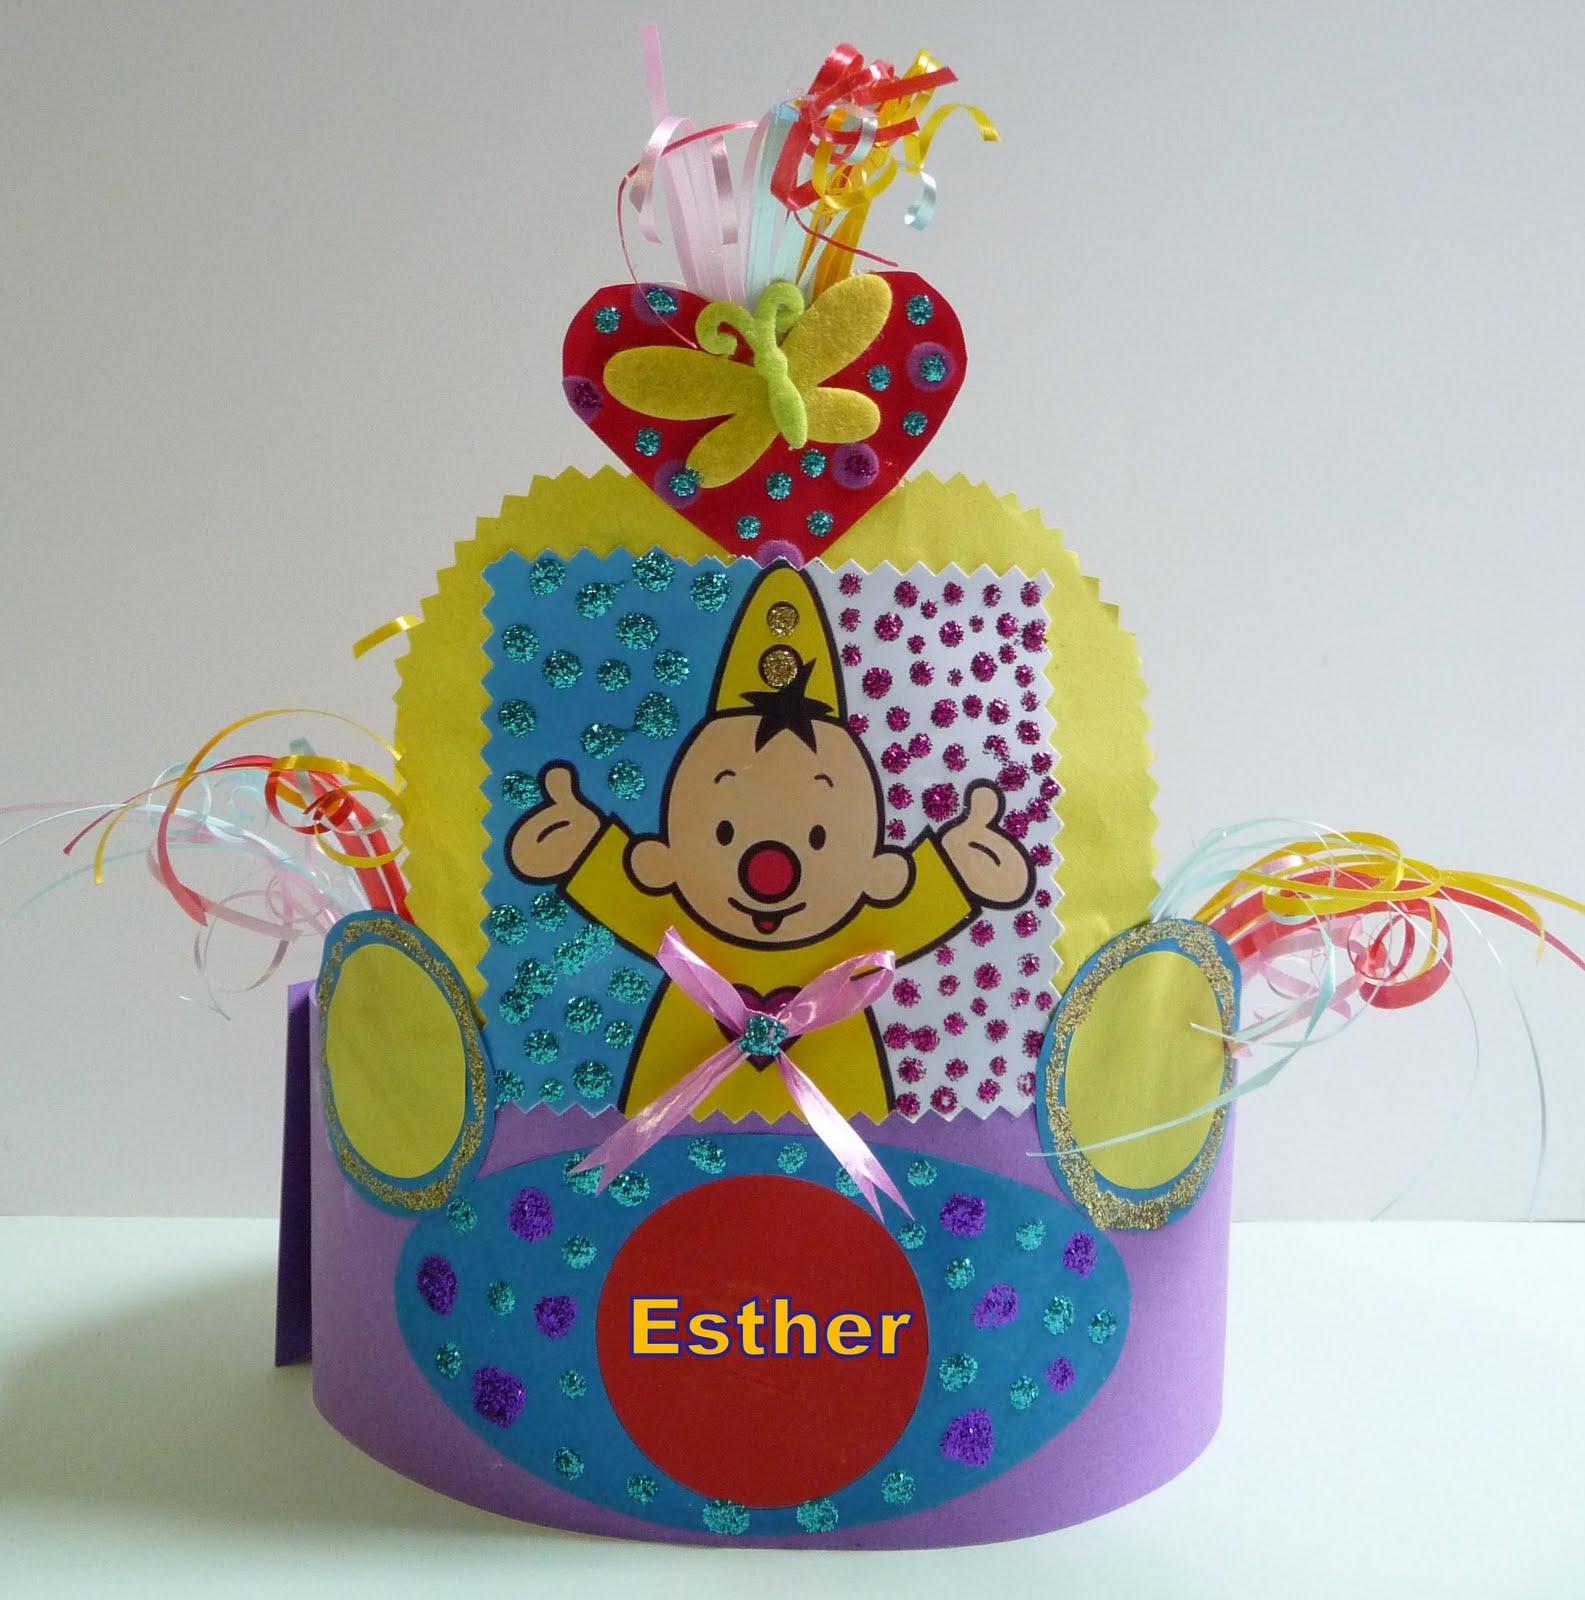 Syl S Verjaardagsmutsen Syl S Birthday Hats Maart 2010